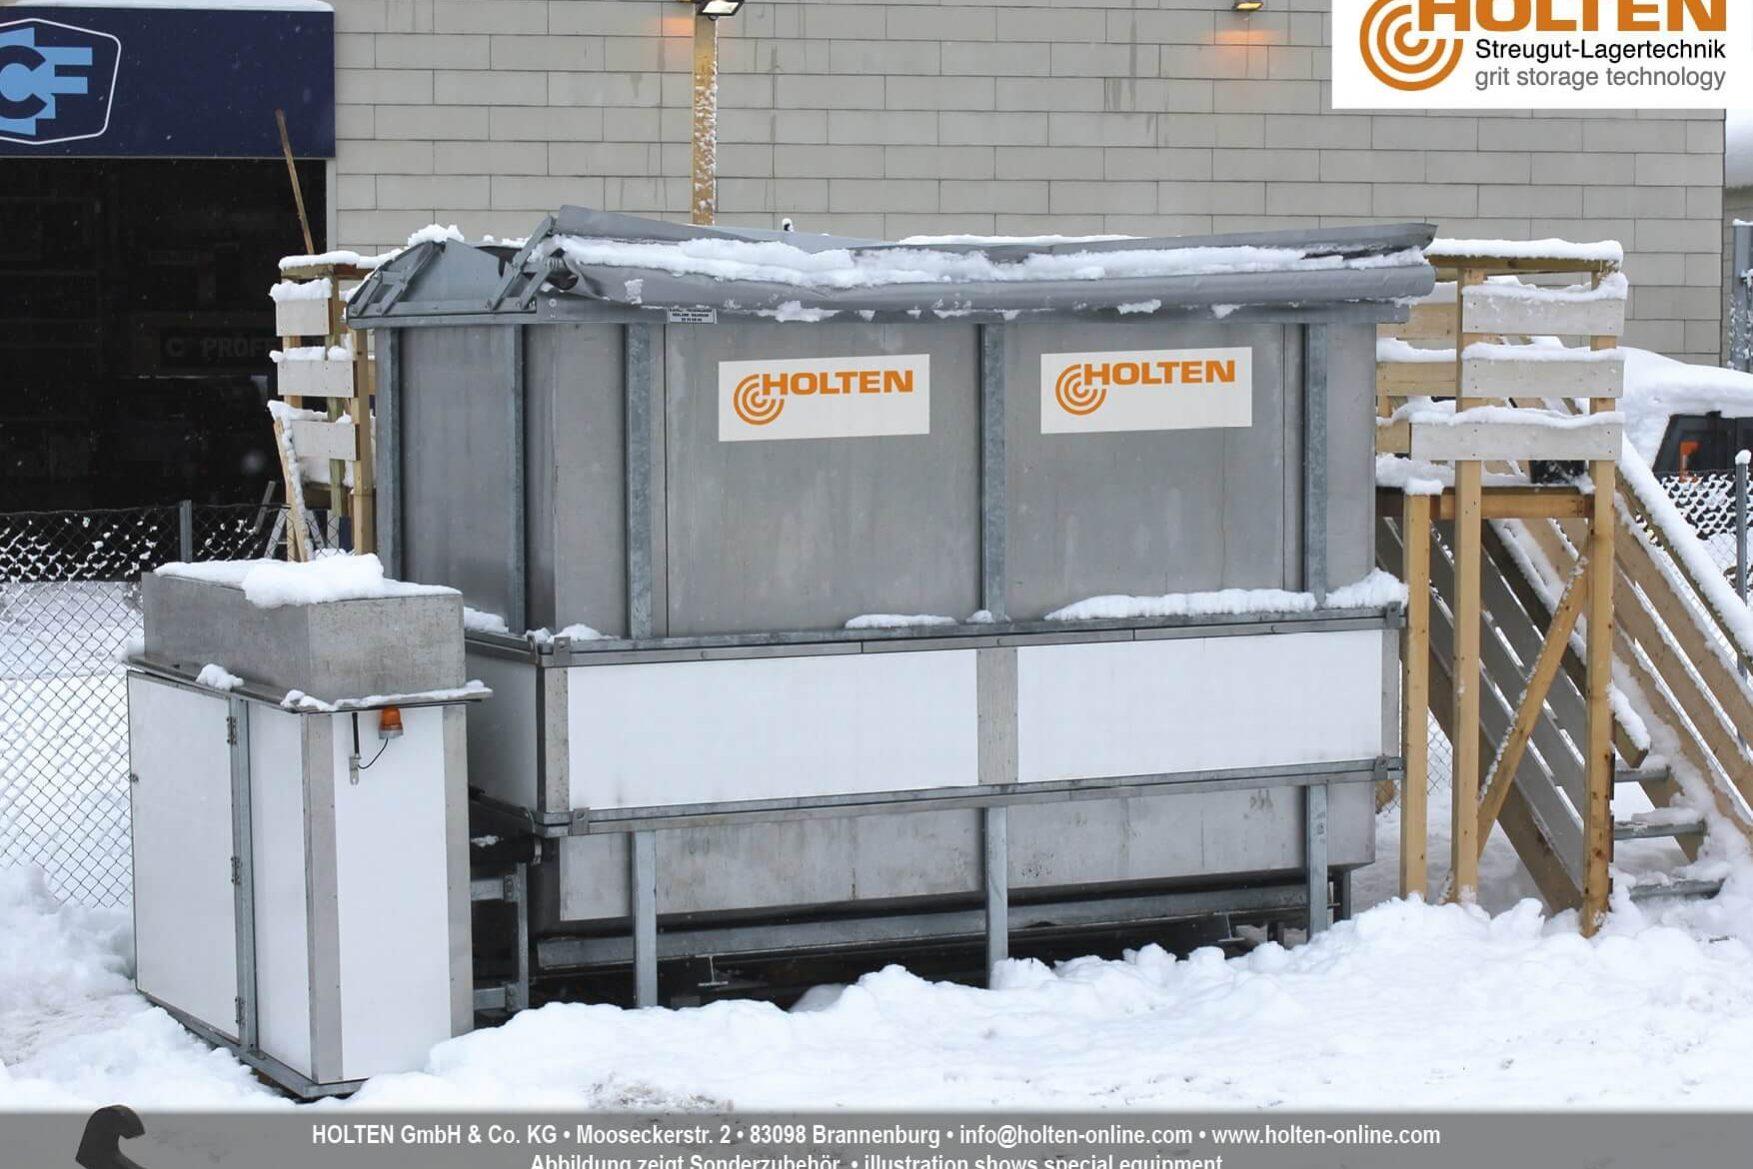 Vollständig aufgebauter Soleerzeuger B6 vor einem Firmengebäude im Winter